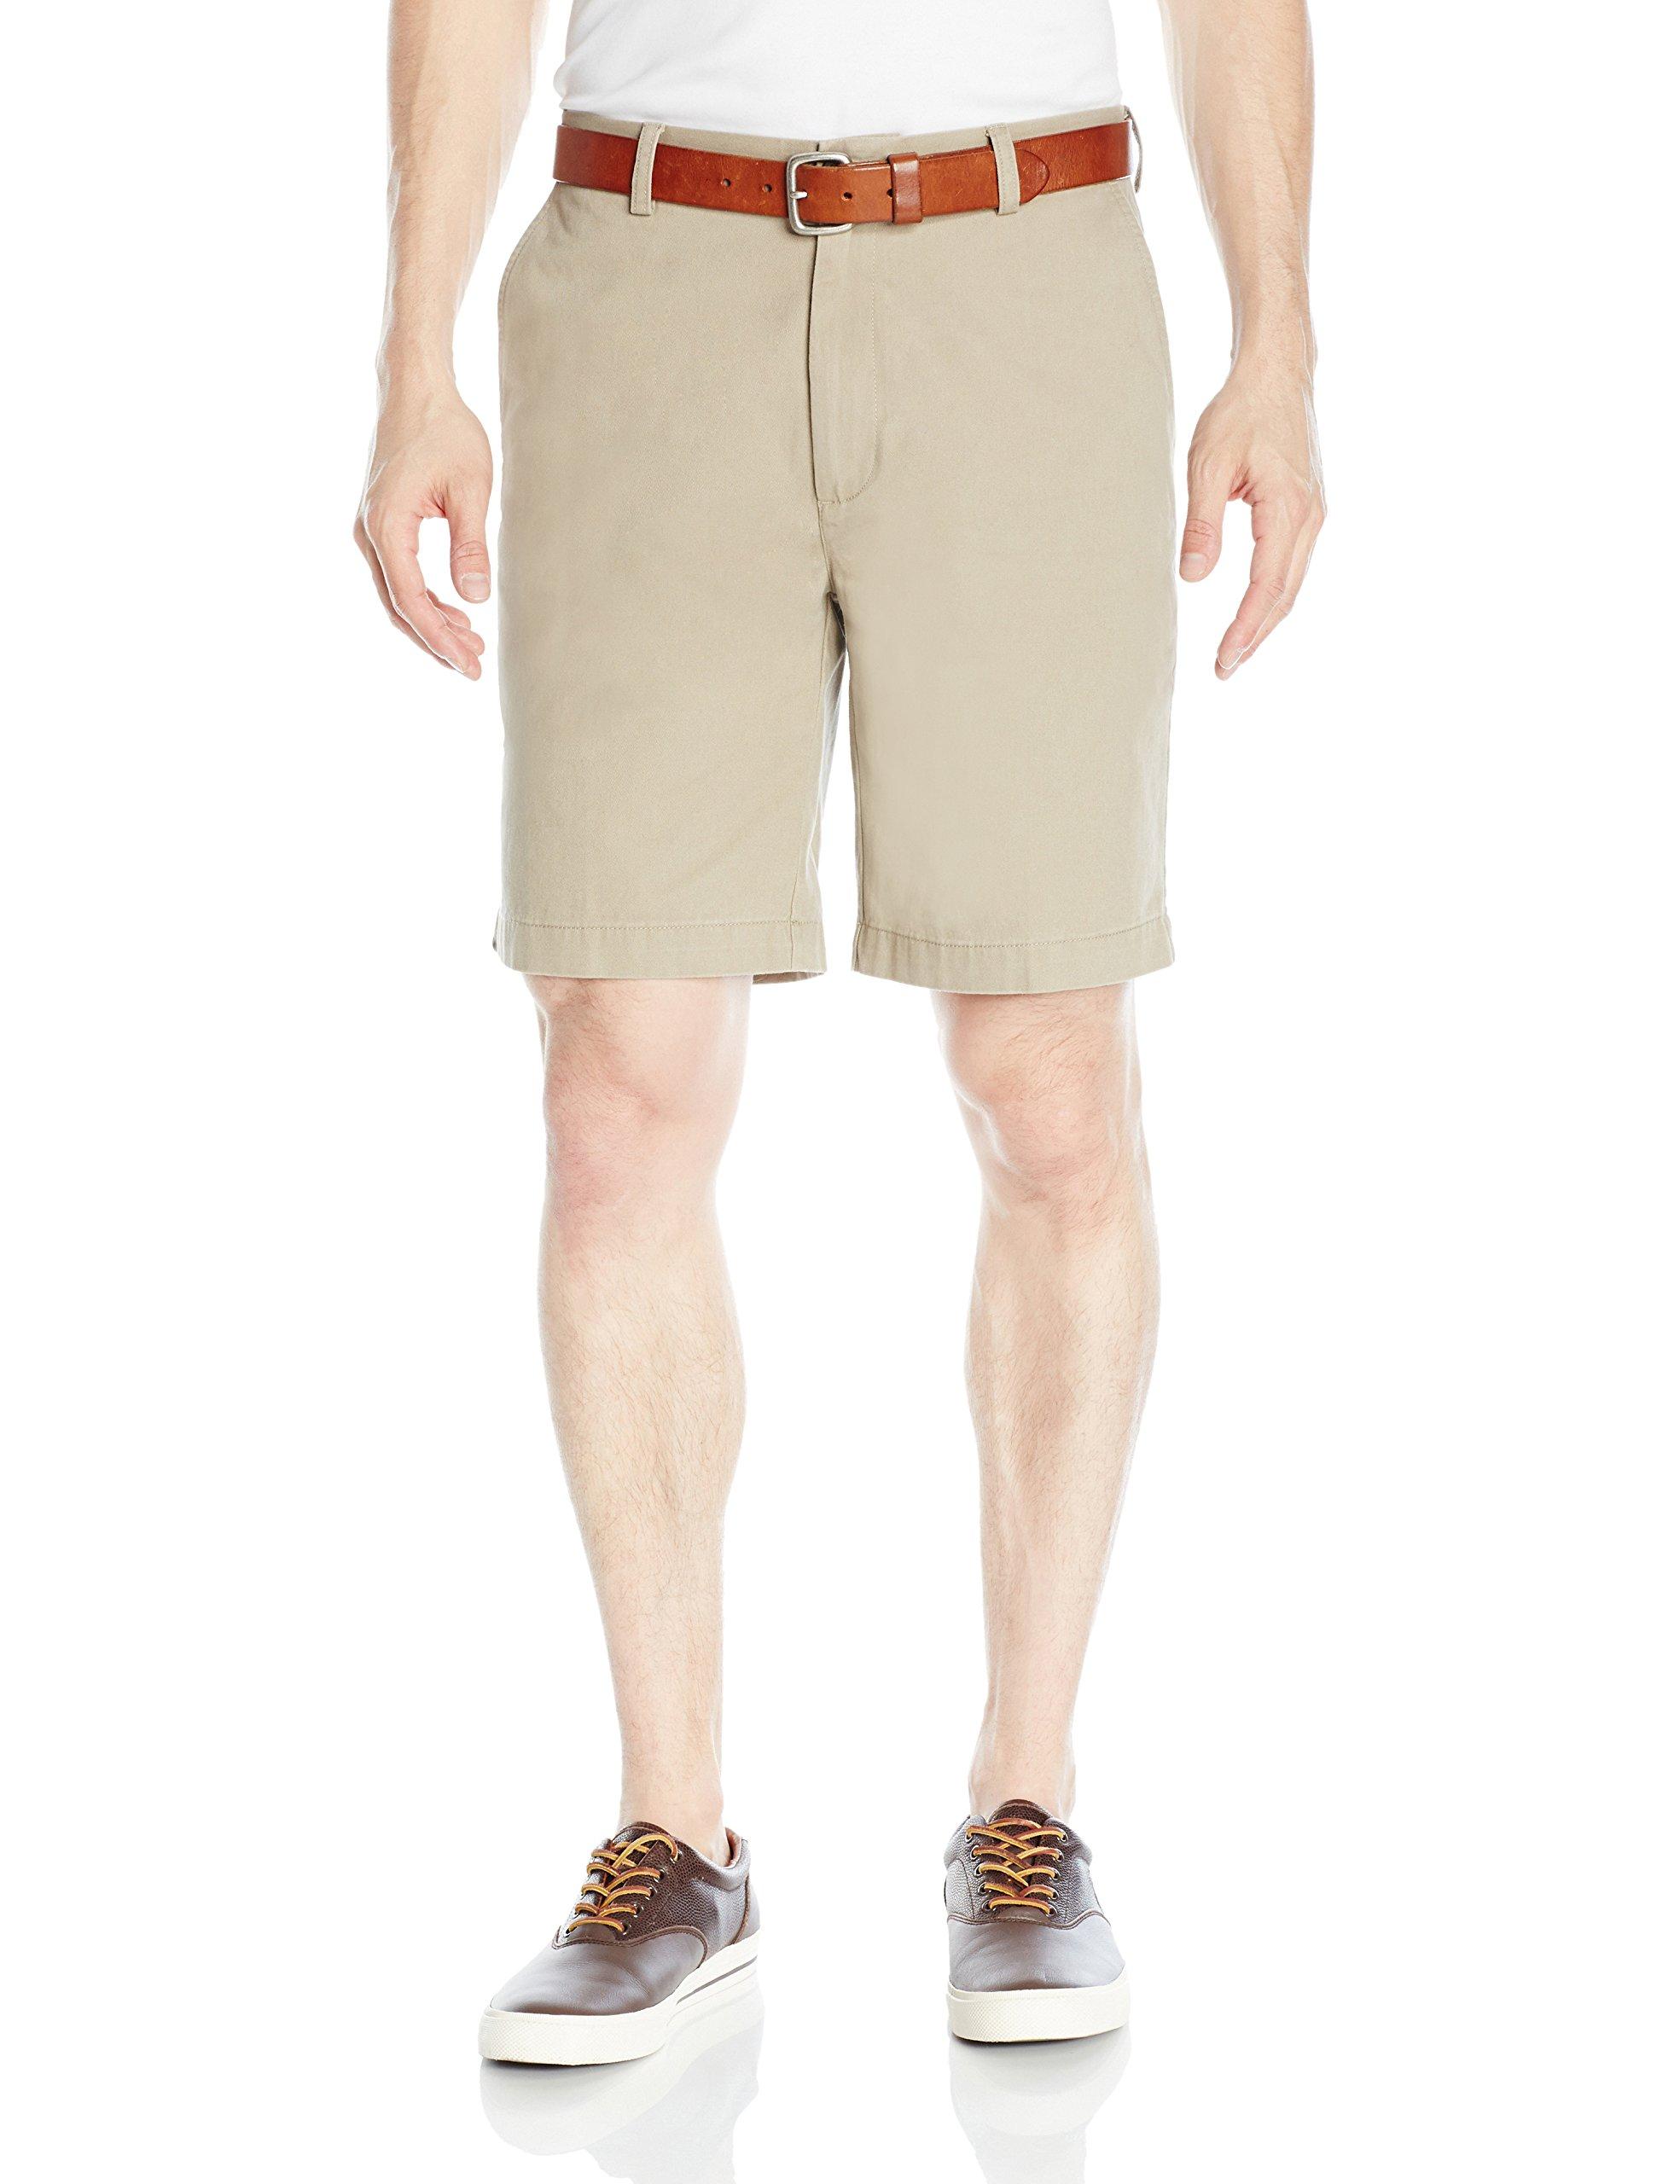 Amazon Essentials Men's Classic-Fit 9'' Short, Khaki, 36